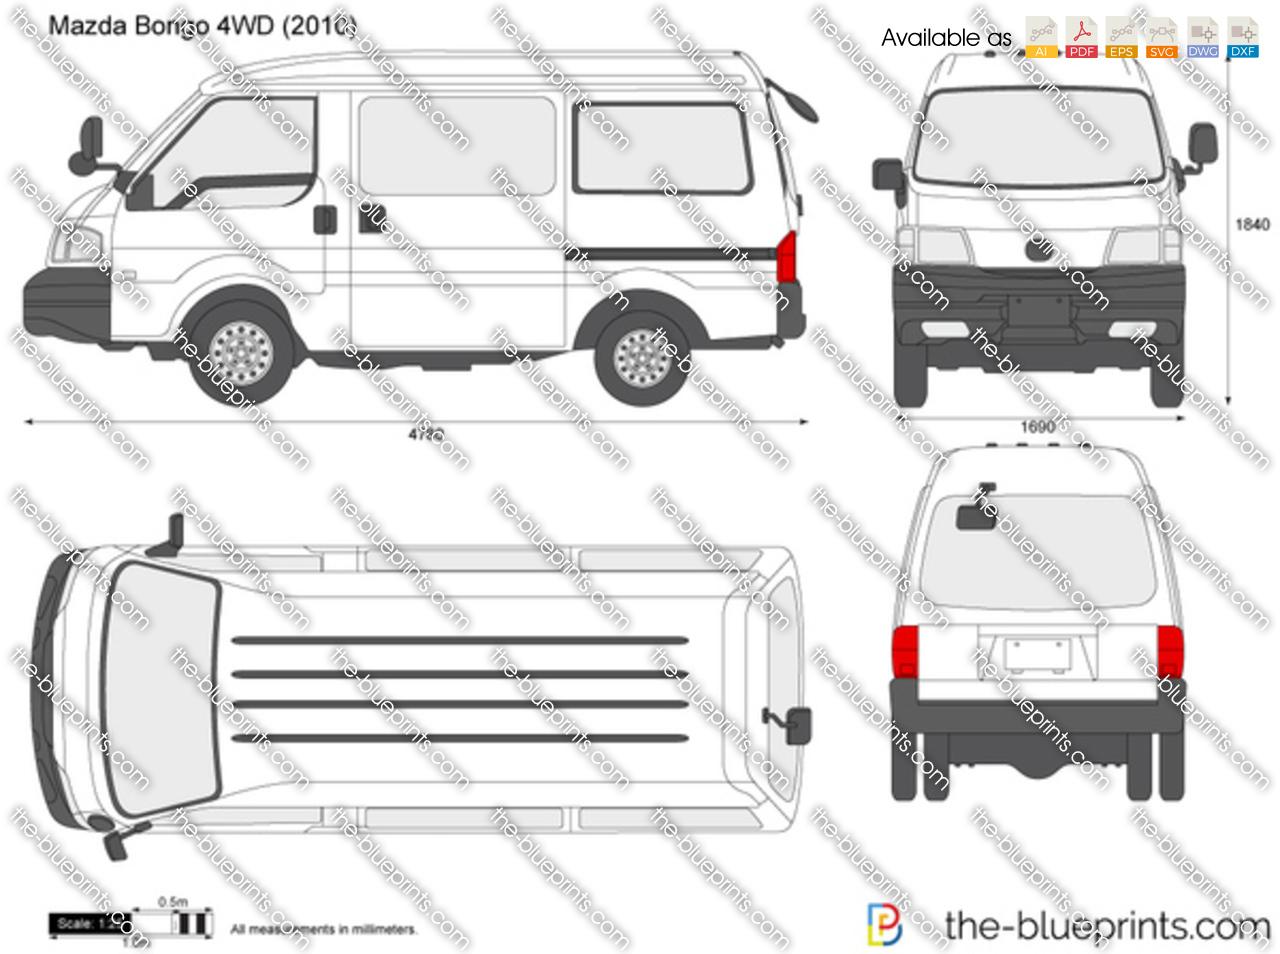 Mazda Bongo 4WD 2013